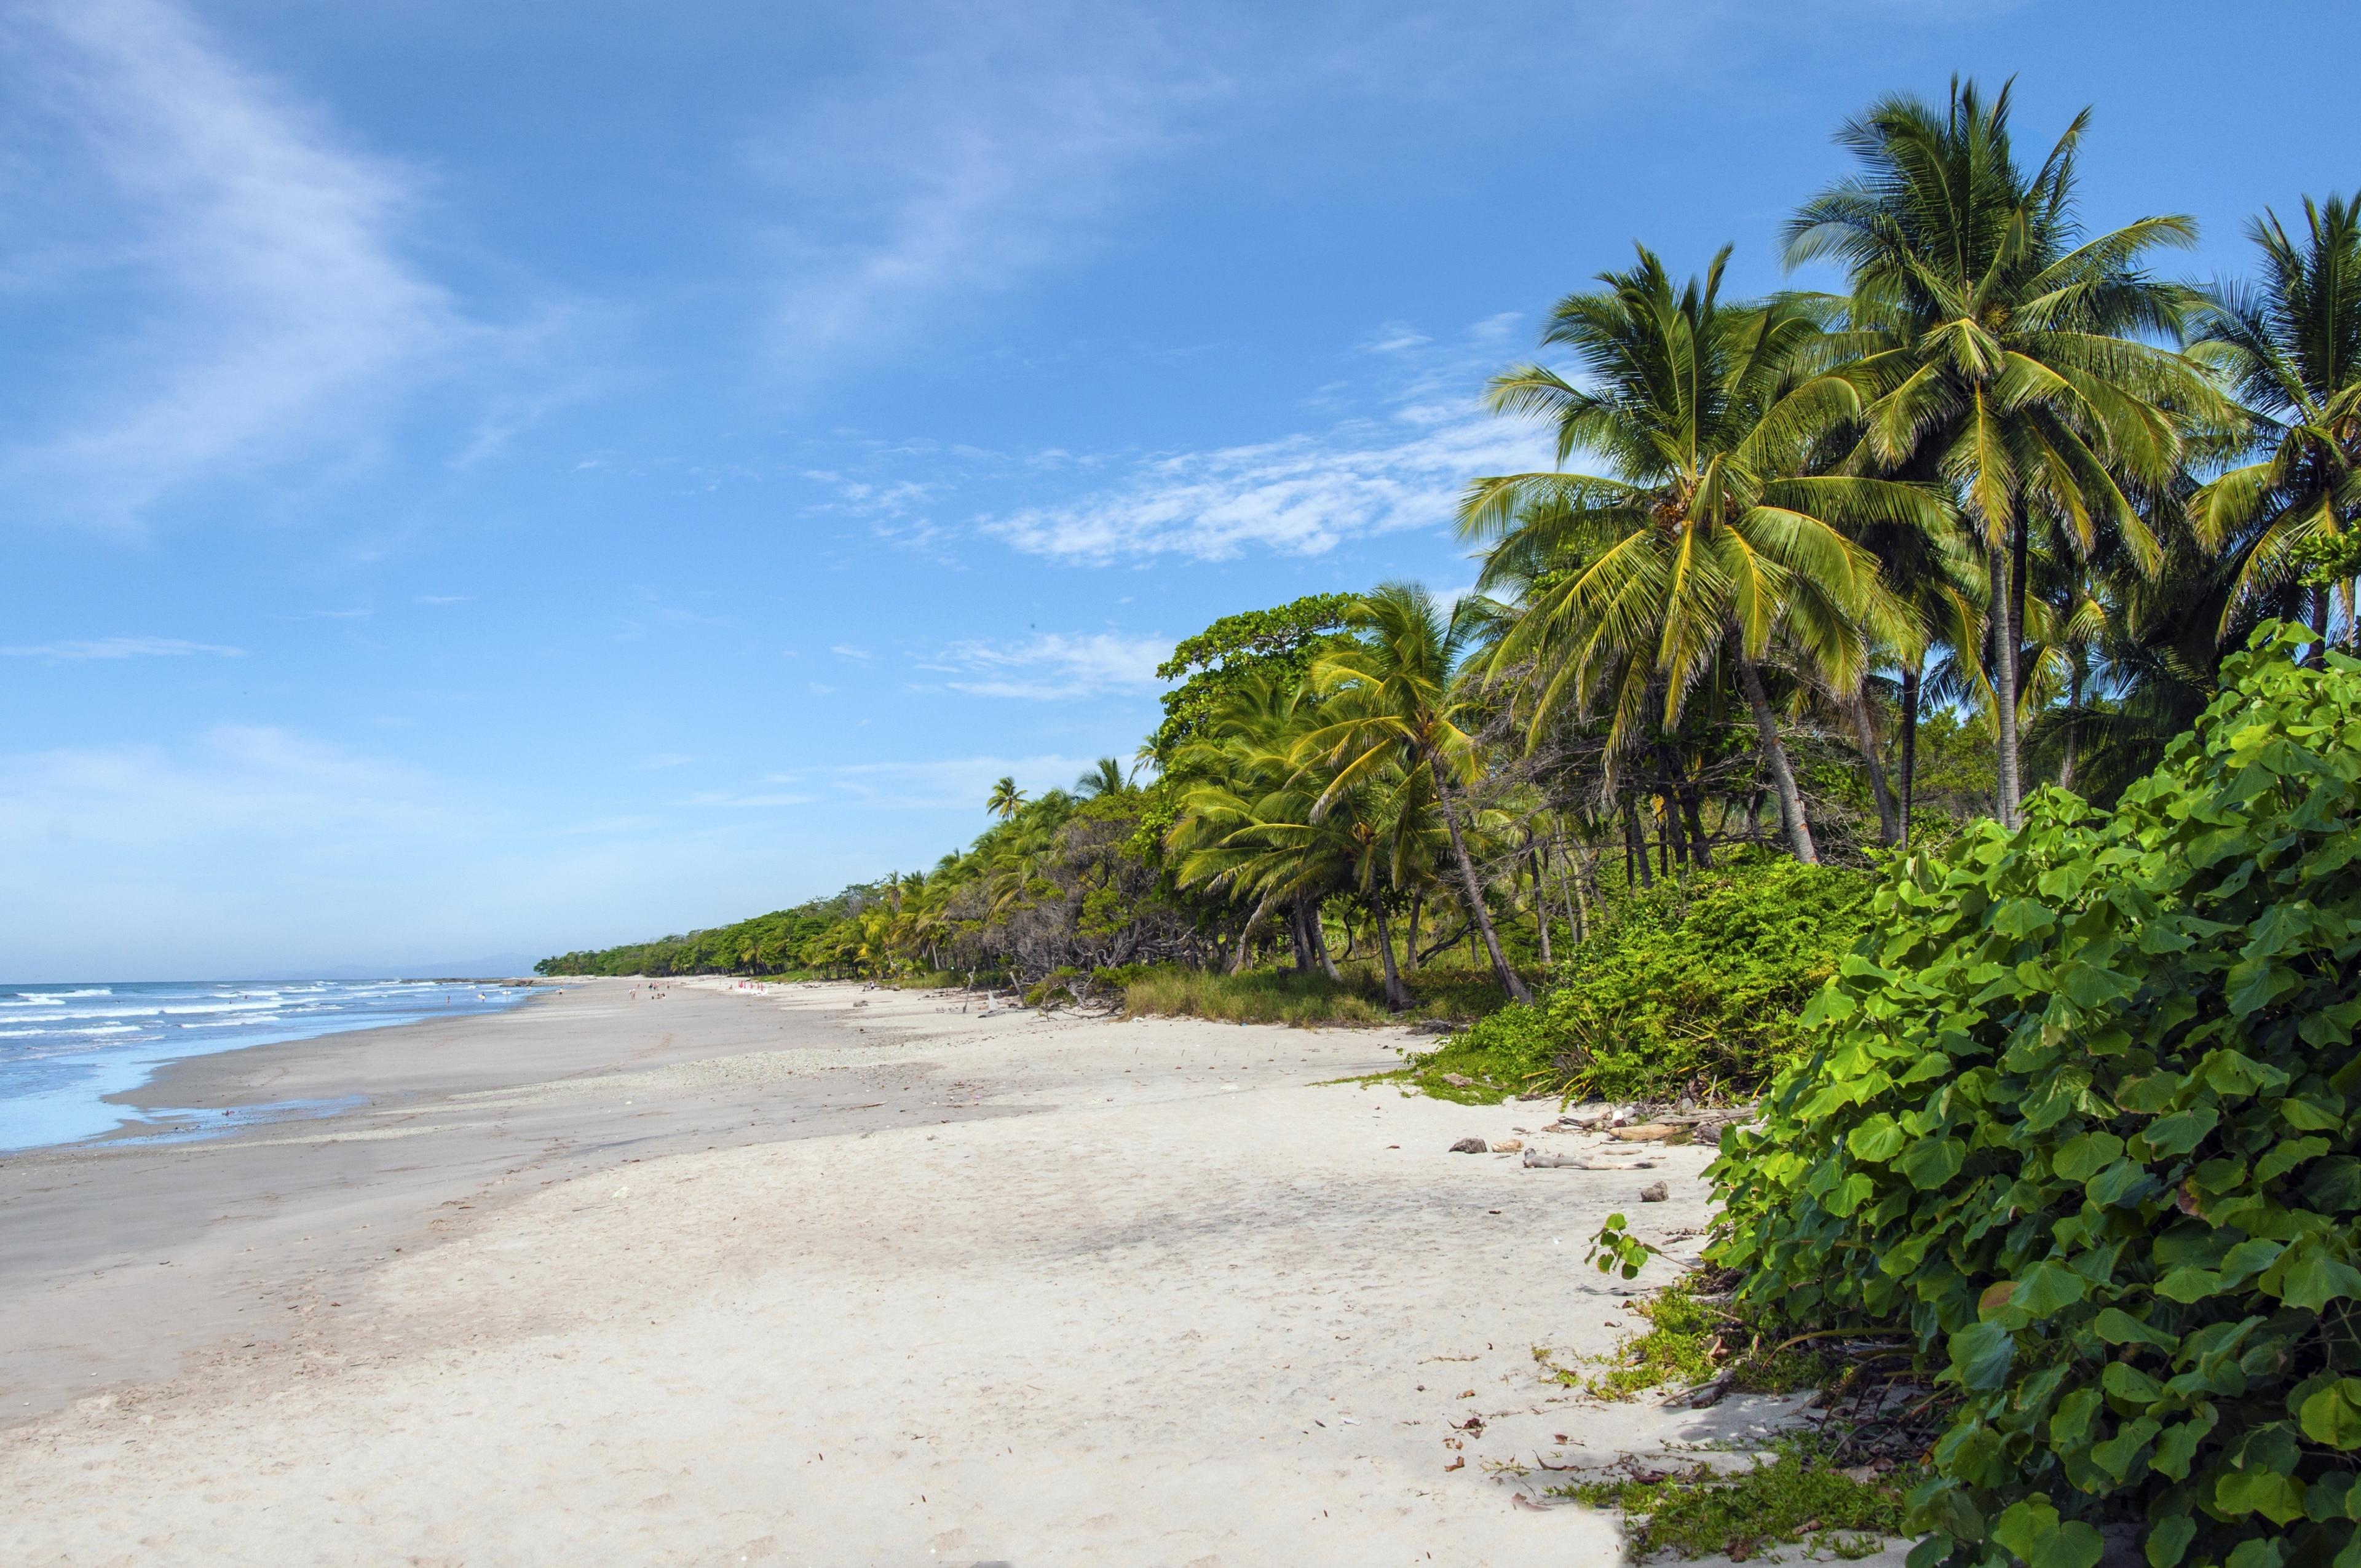 Cobano, Puntarenas (Provinz), Costa Rica